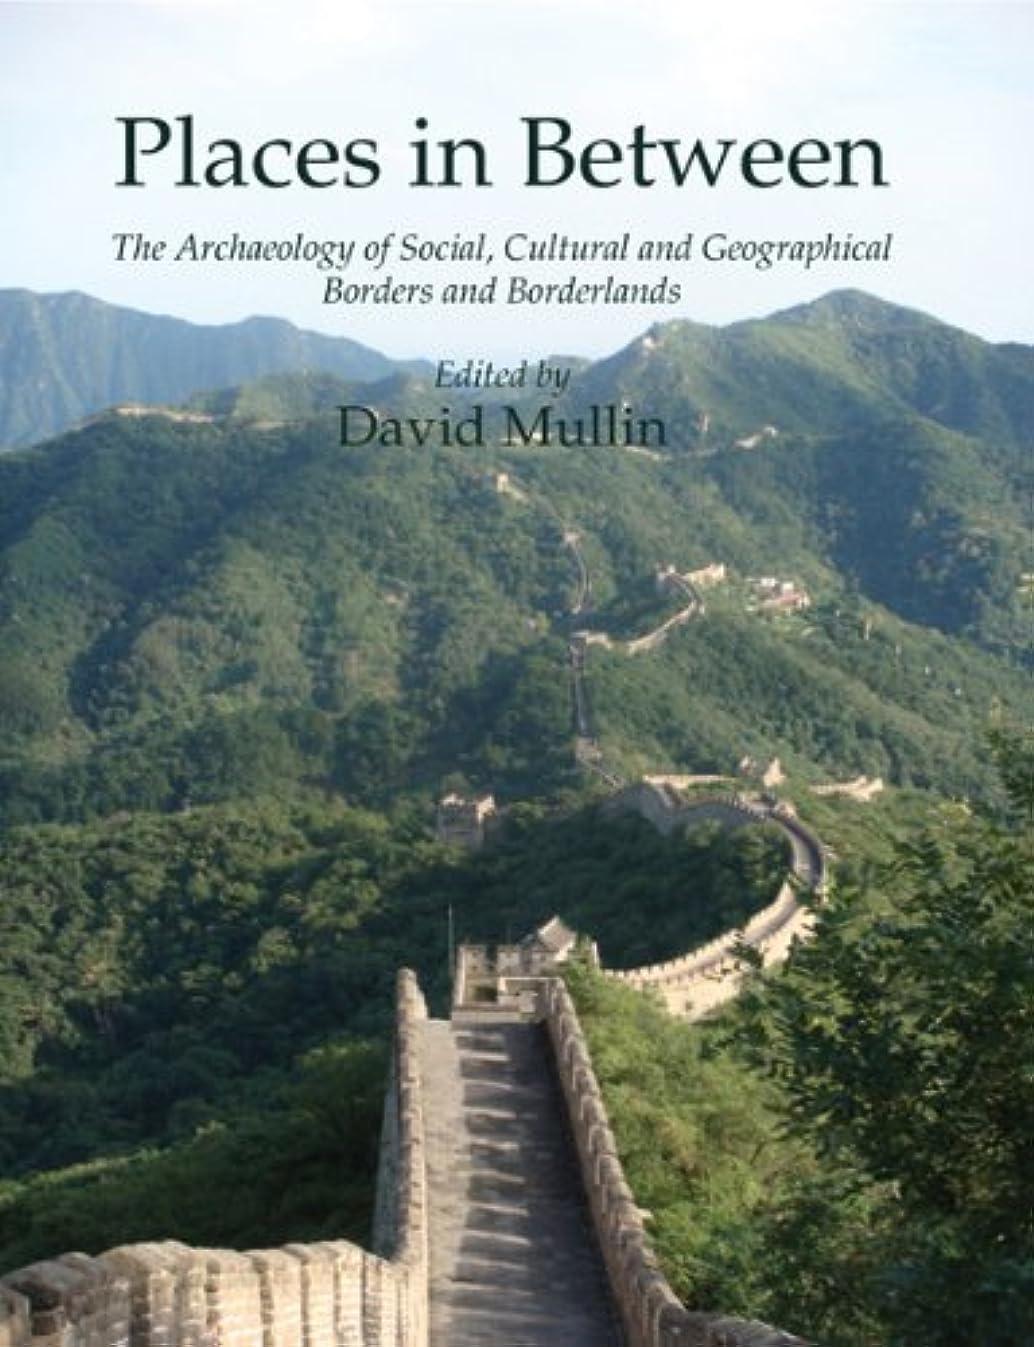 覚醒味付けスナックPlaces in Between: The Archaeology of Social, Cultural and Geographical Borders and Borderlands (English Edition)